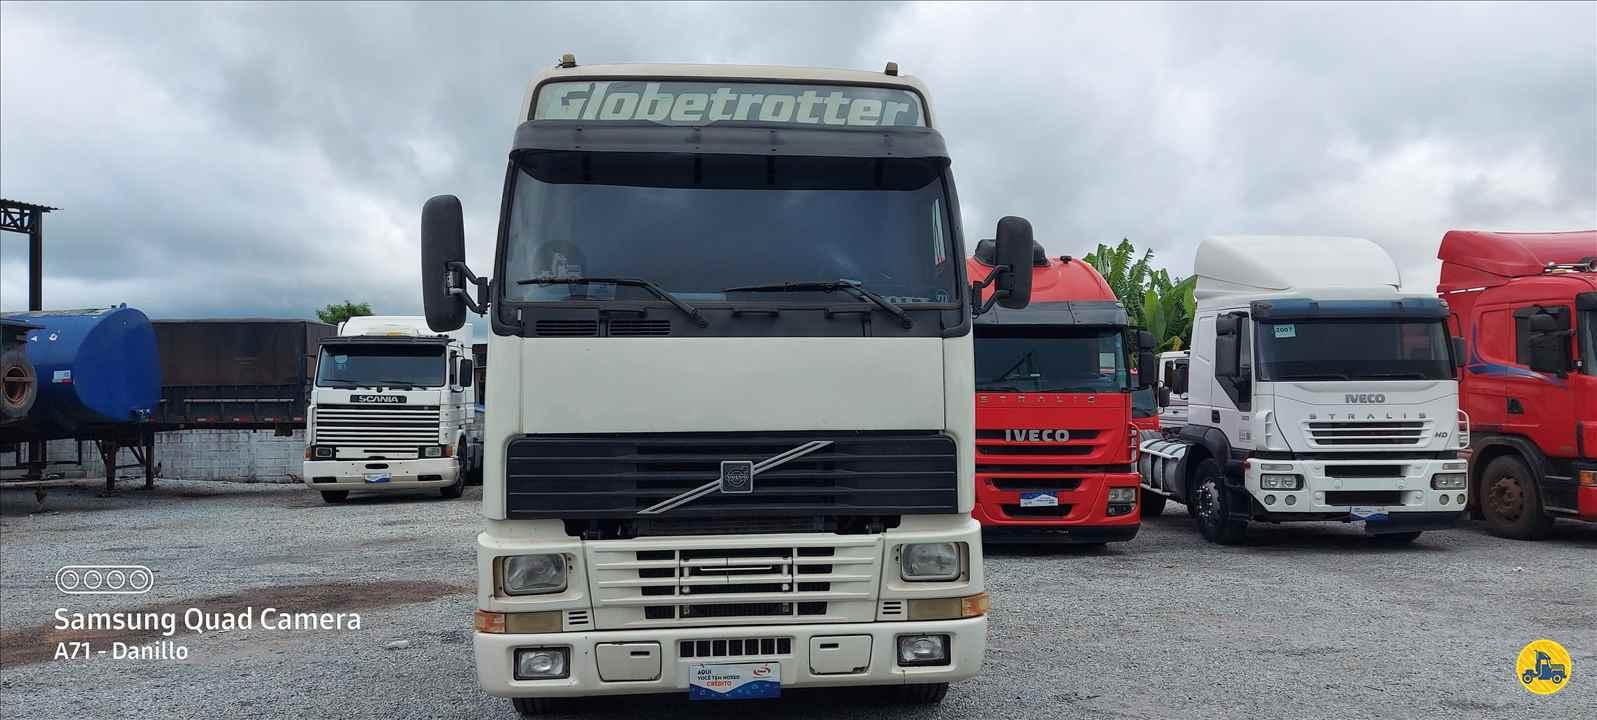 CAMINHAO VOLVO VOLVO FH12 380 Cavalo Mecânico Toco 4x2 13 de Maio Caminhões BETIM MINAS GERAIS MG